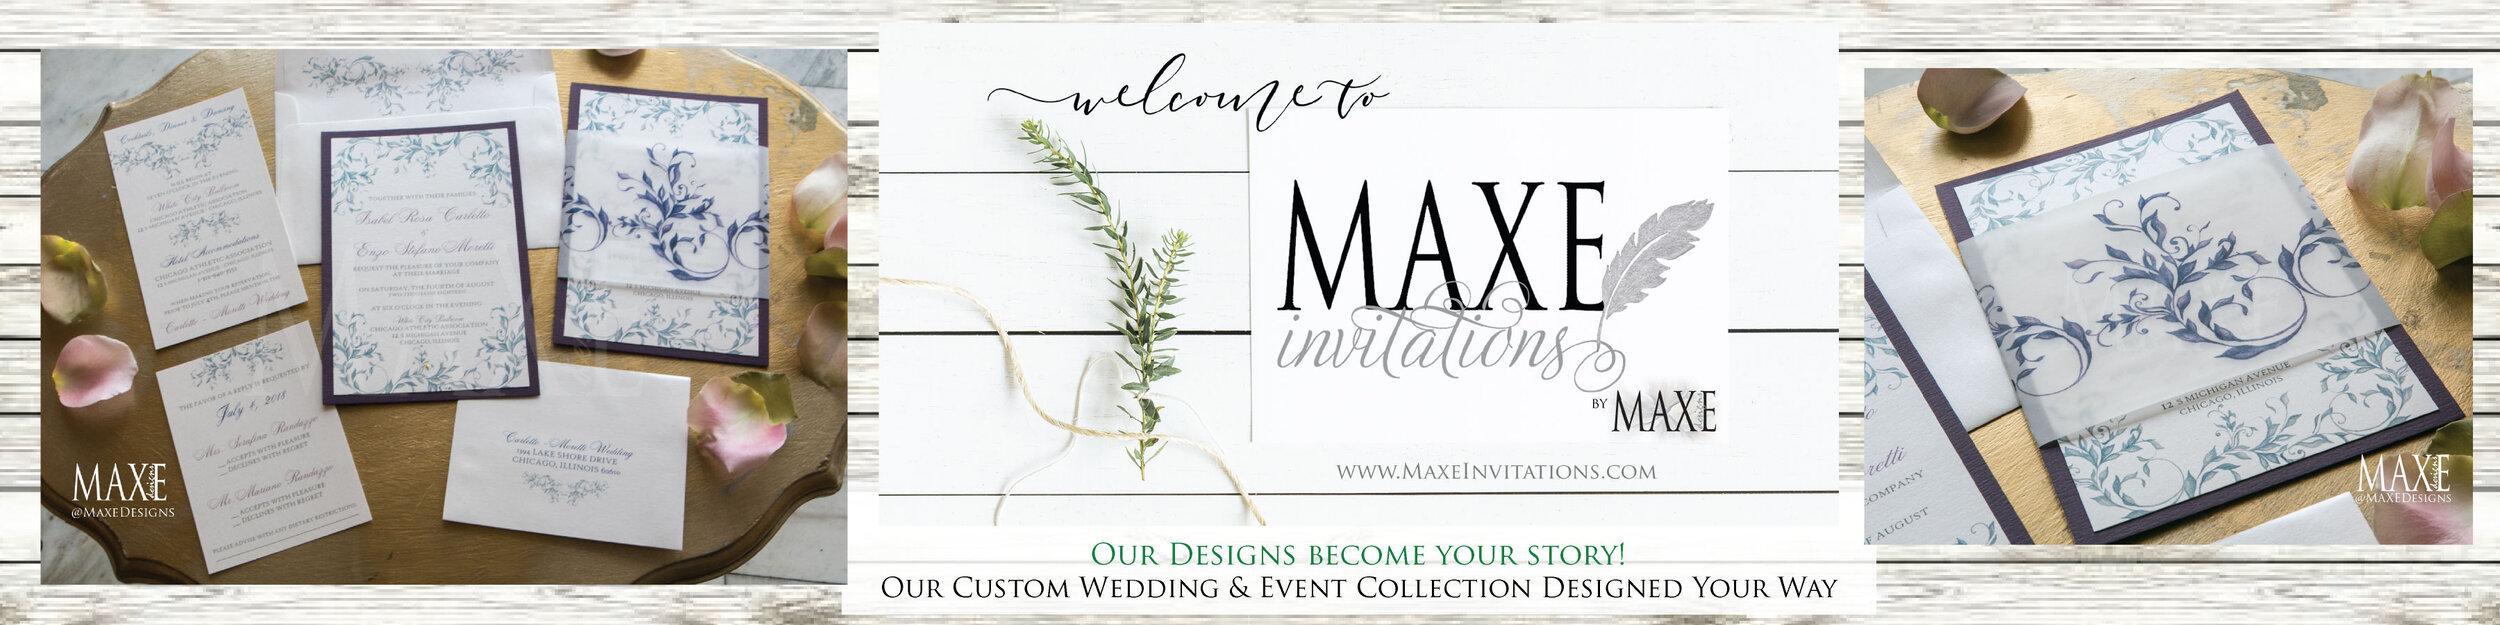 2019-New-Etsy-Maxe-Banner.jpg